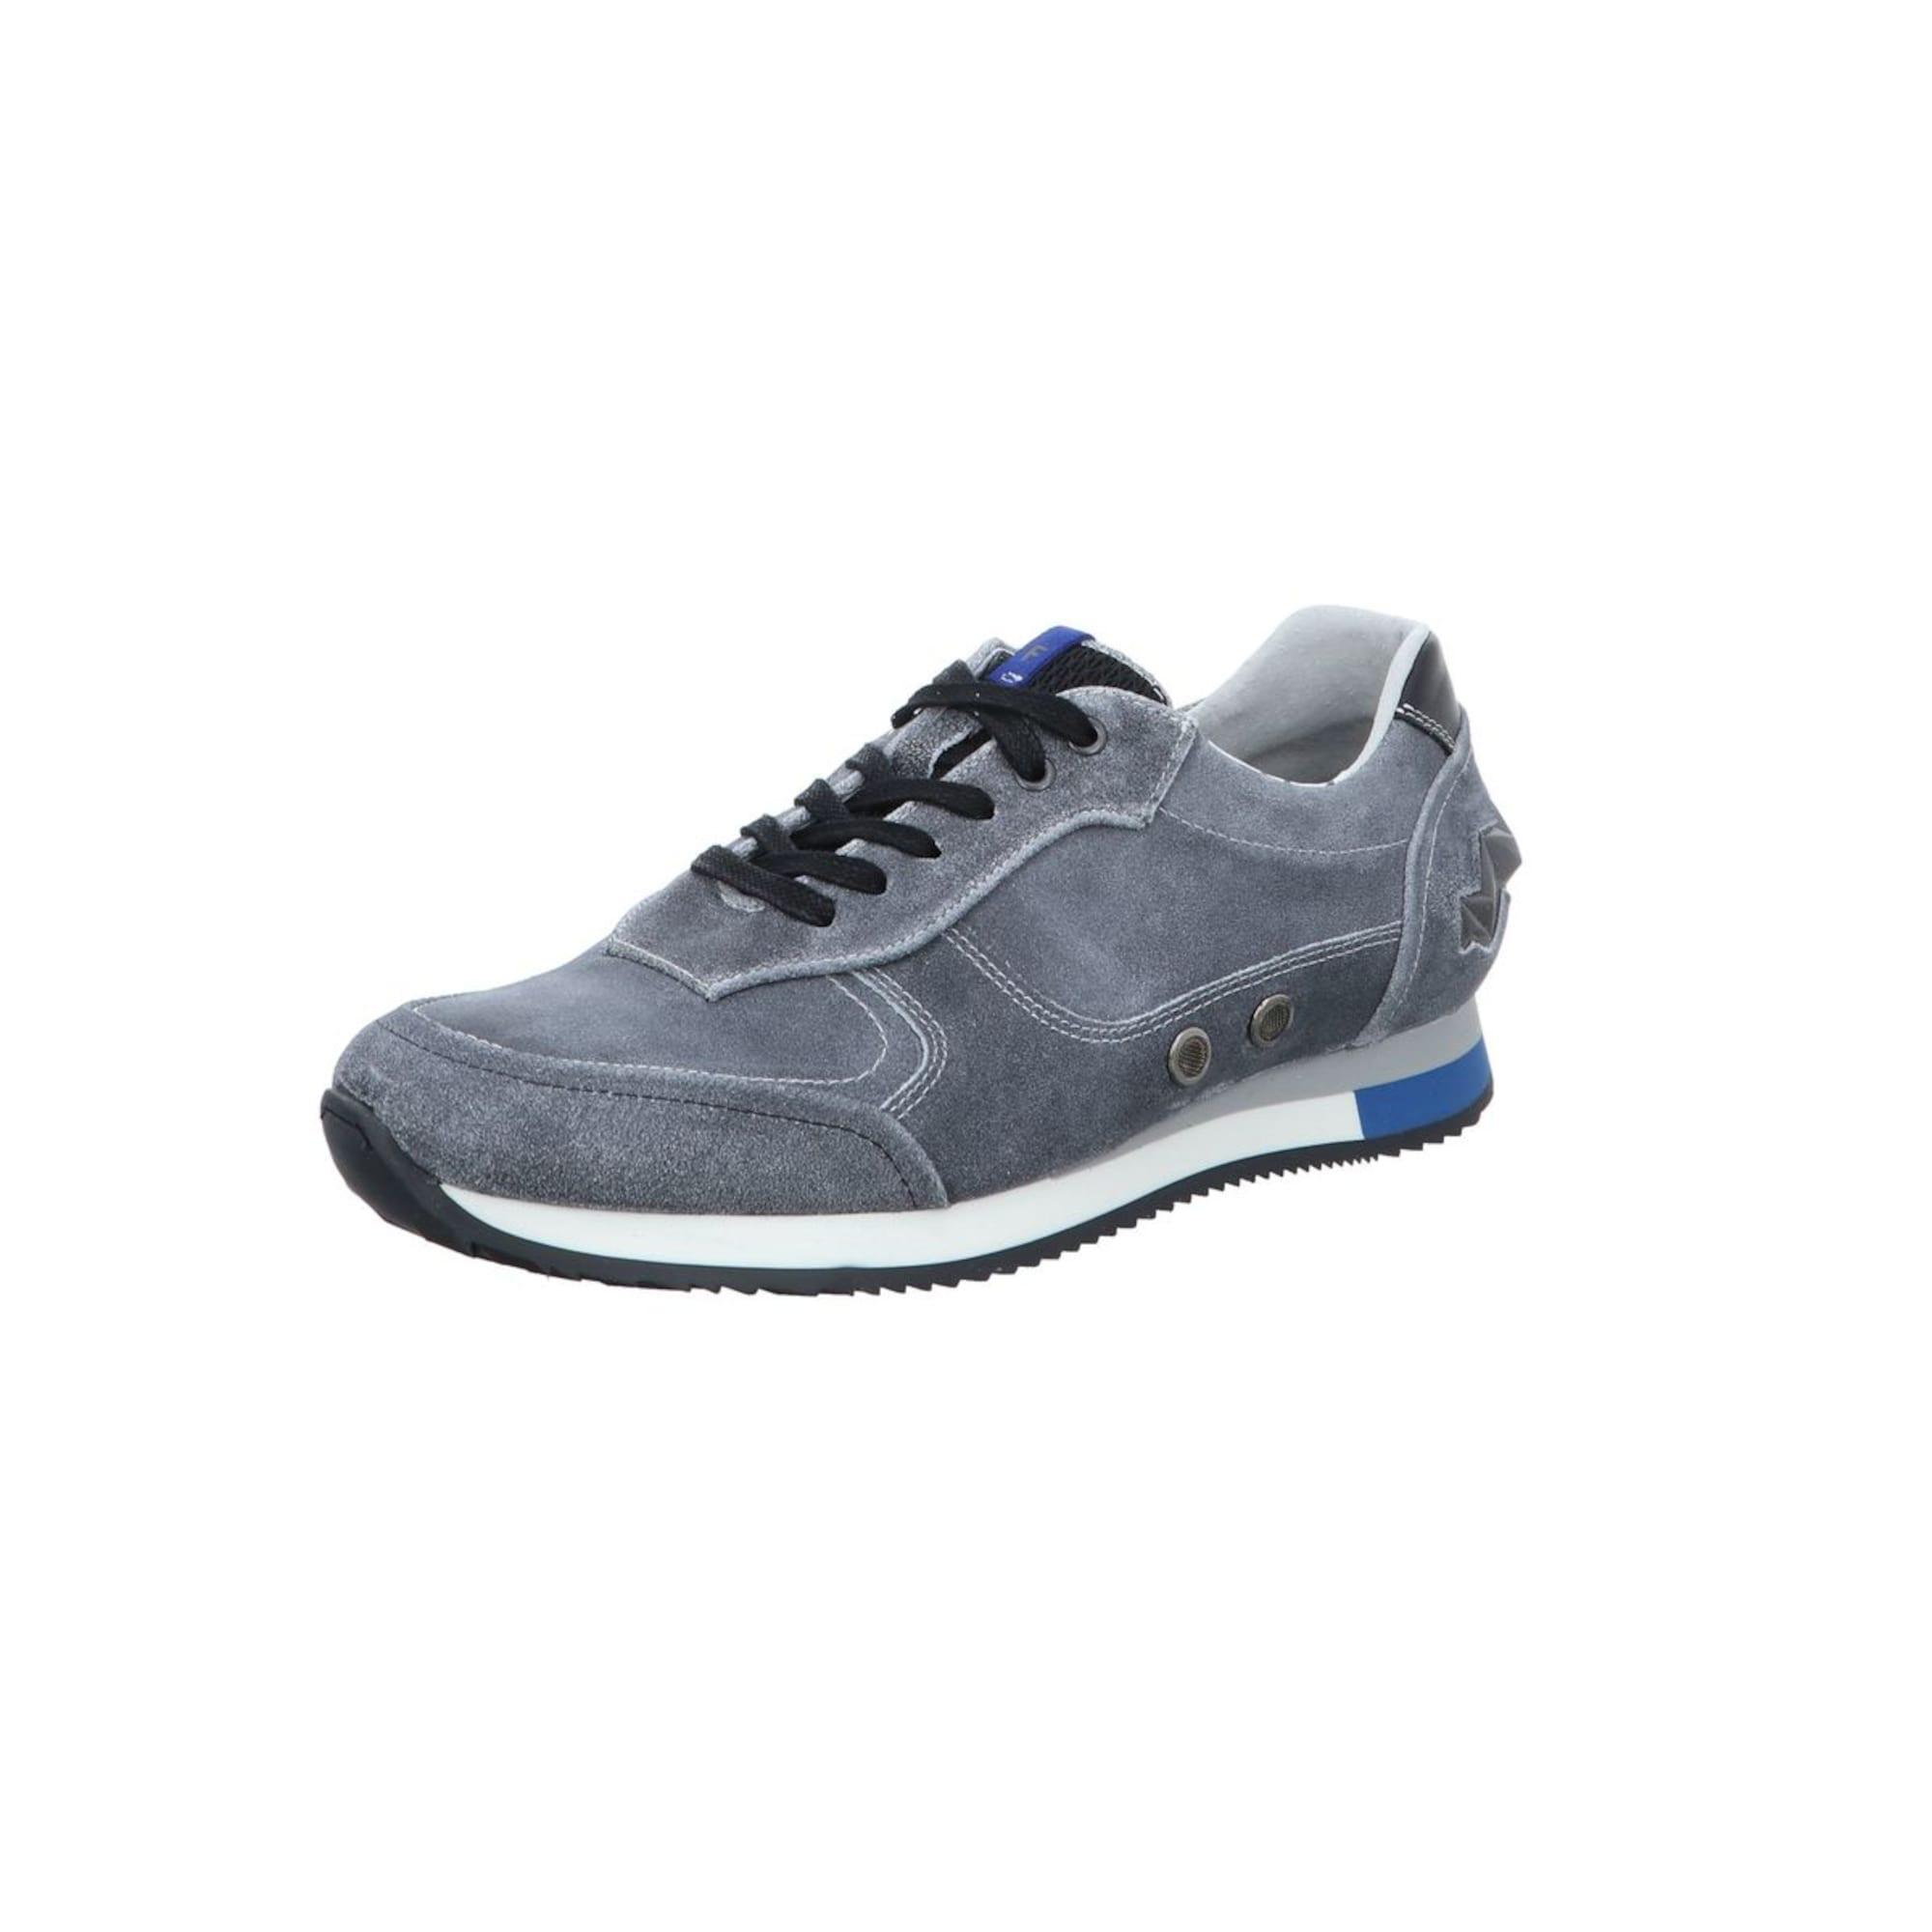 Schnürschuhe   Schuhe > Schnürschuhe   Floris van Bommel